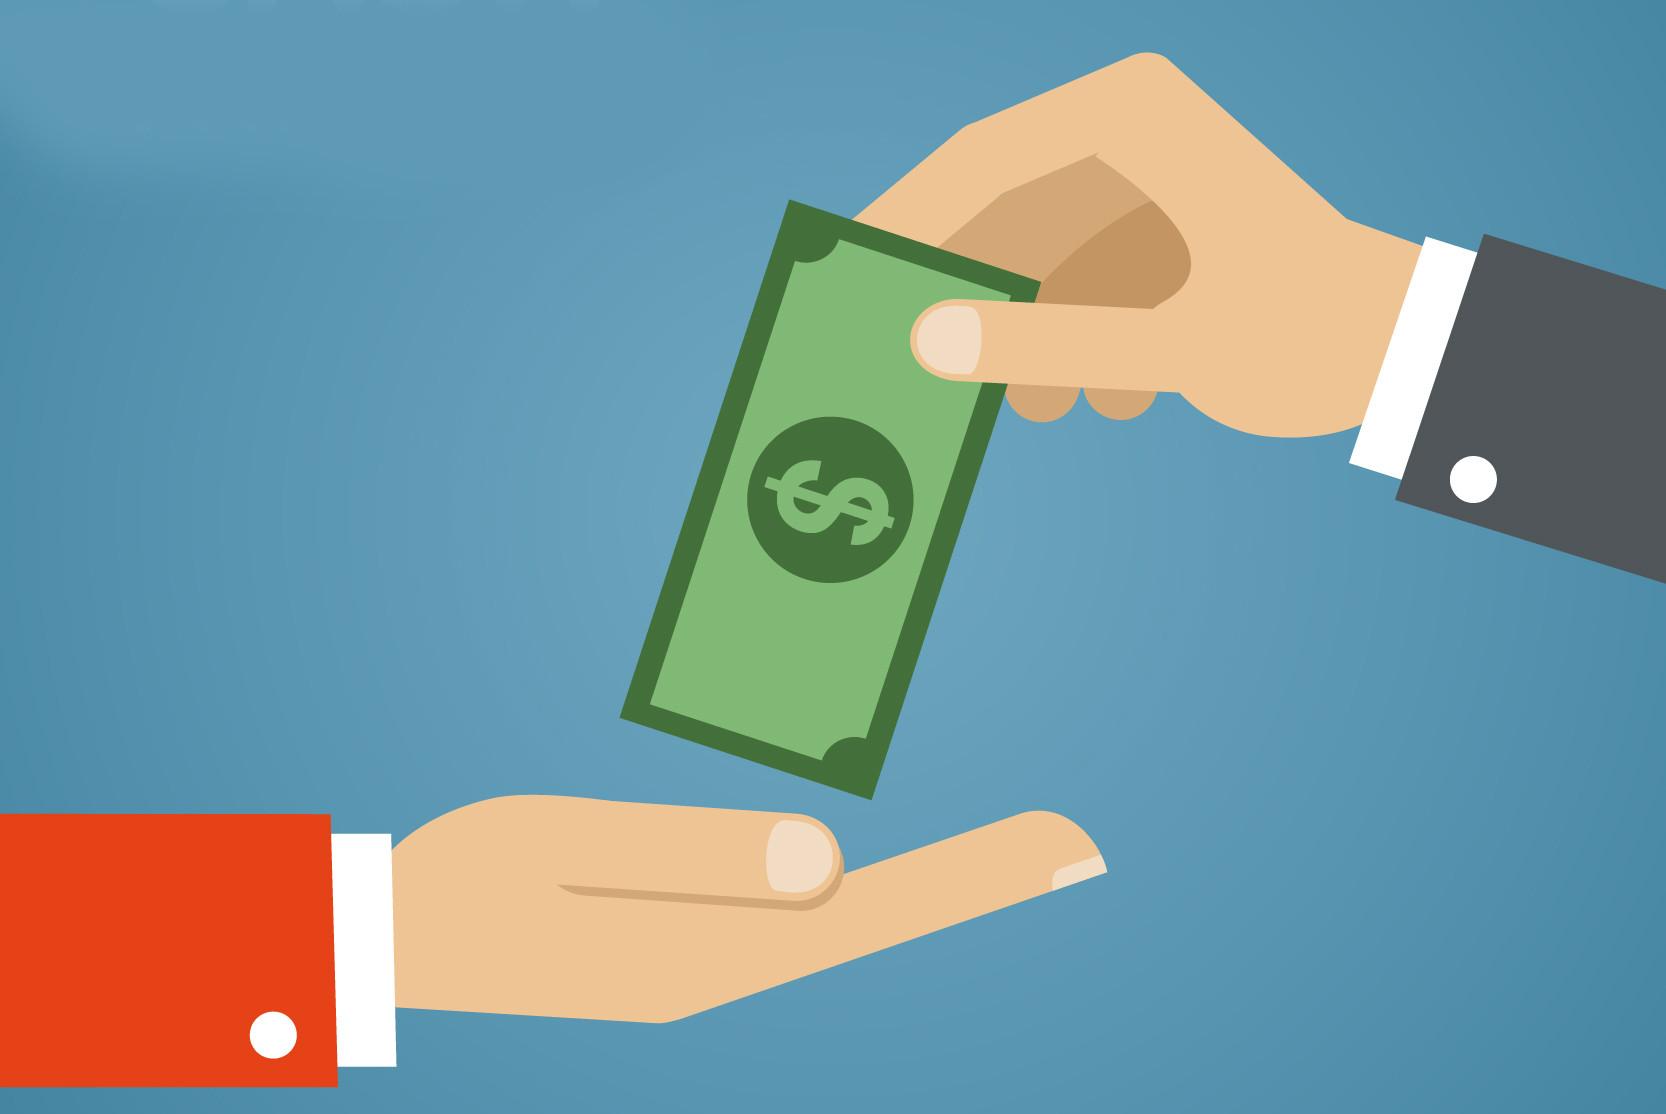 Prefeitura divulga datas dos pagamentos dos servidores em 2019